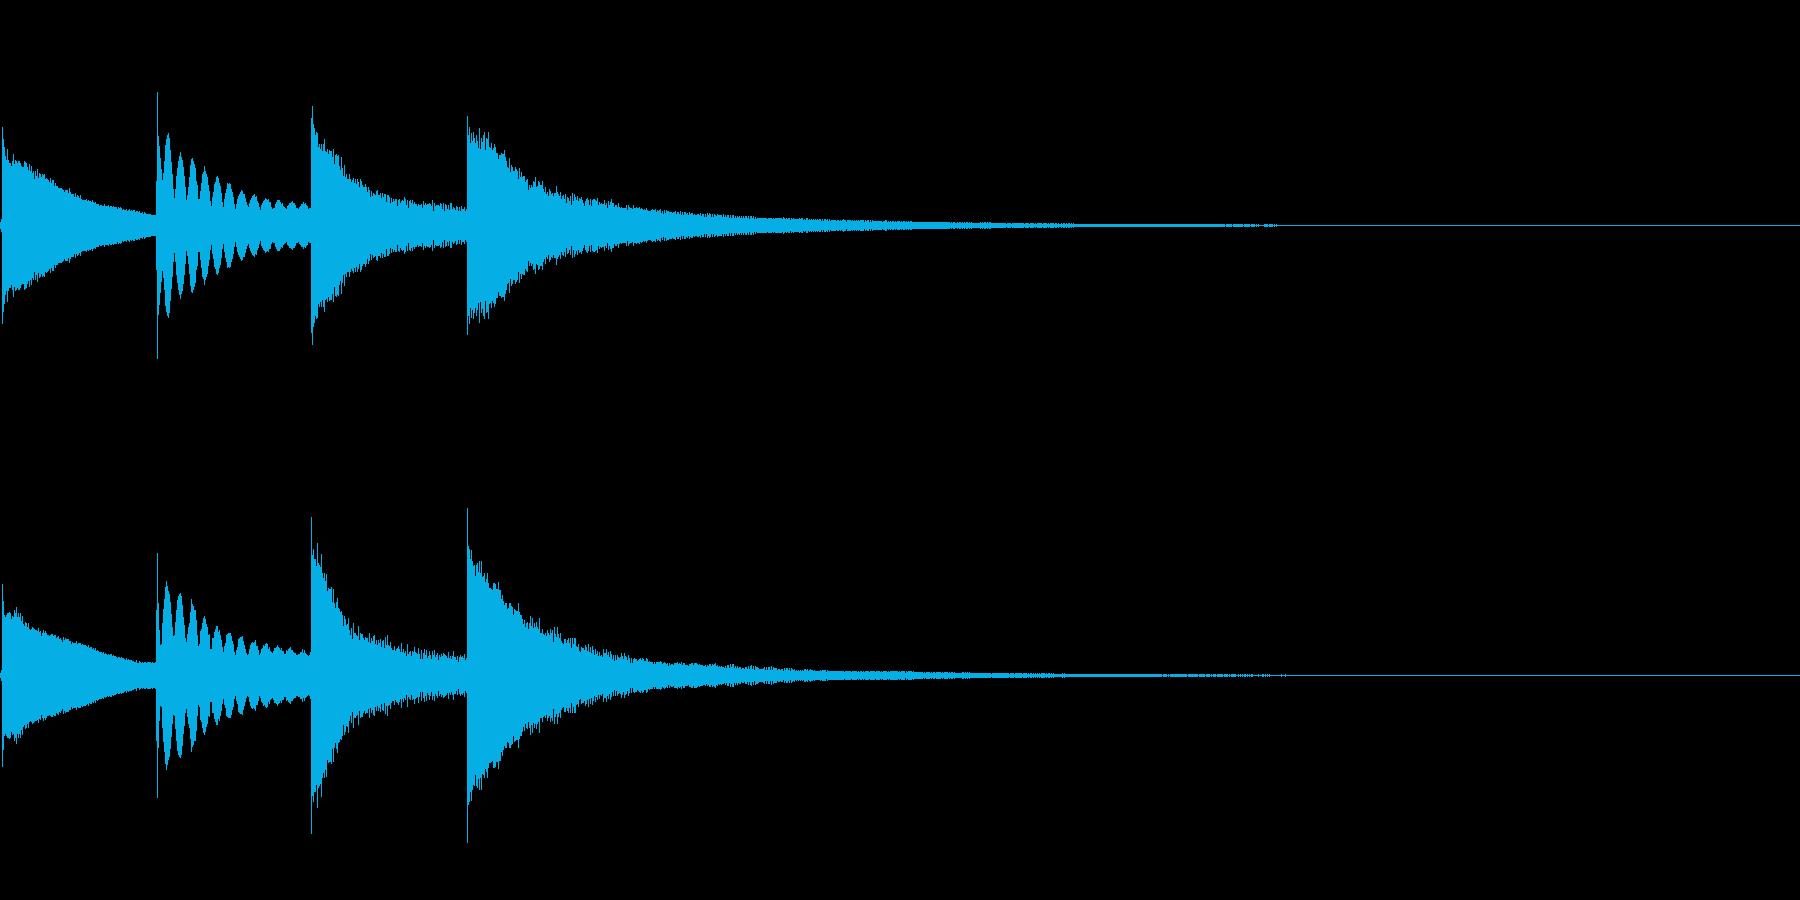 【チャイム アナウンス01-down2】の再生済みの波形